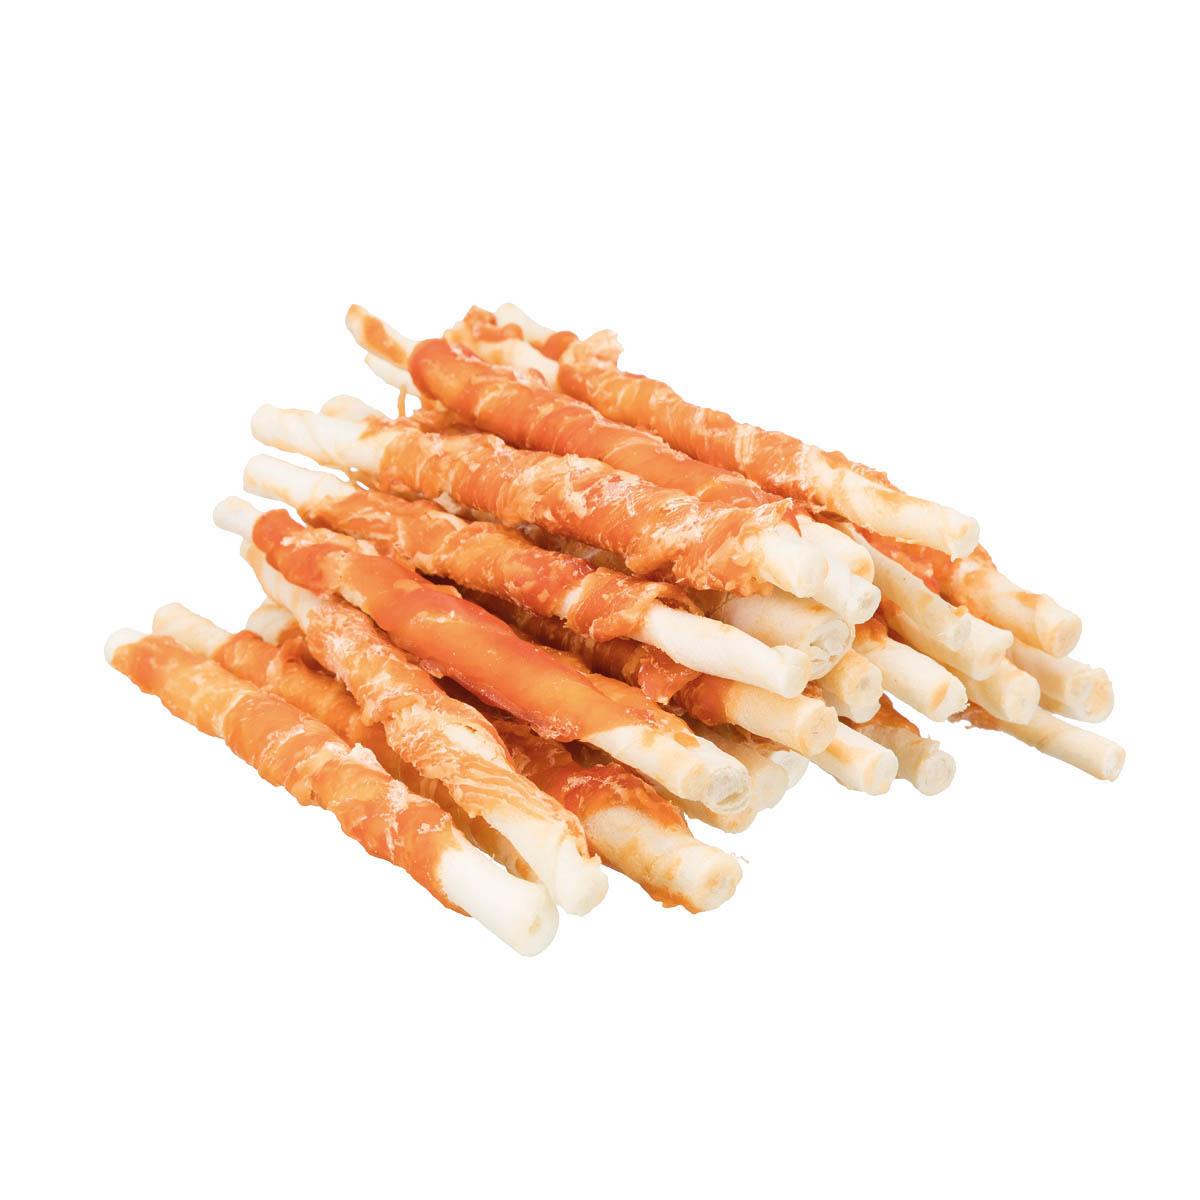 Trixie Denta Fun Chicken Chewing Rolls